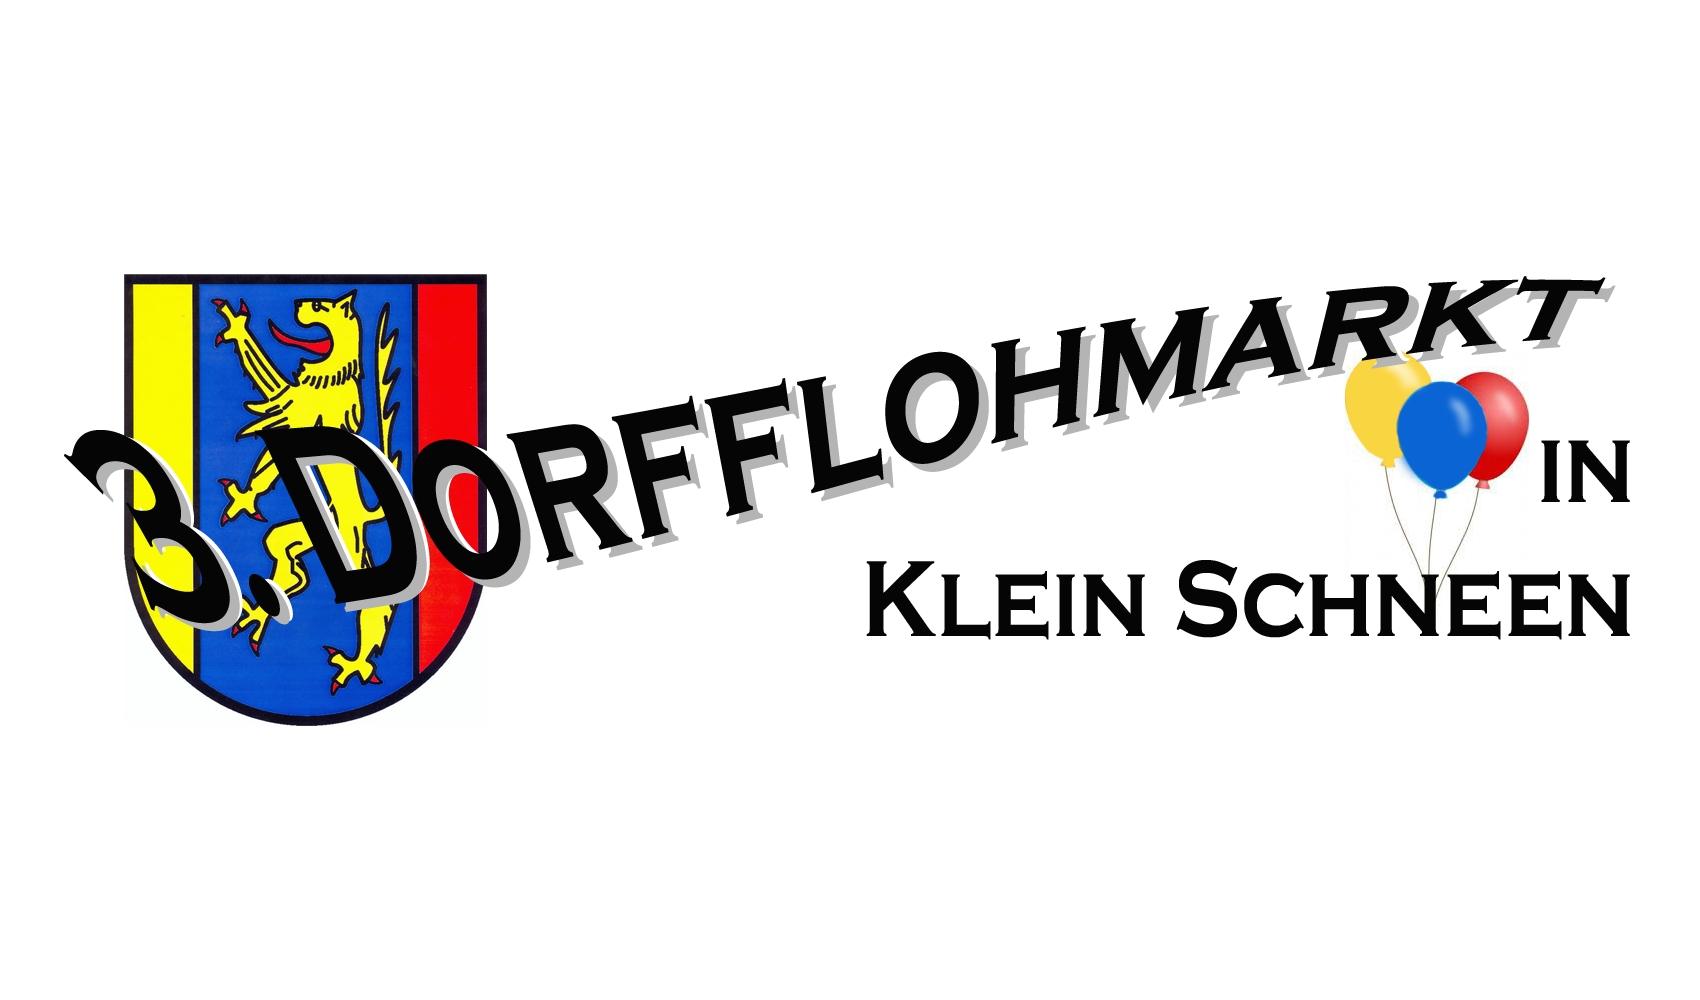 3. Dorffklohmarkt am 5. September 2021 in Klein Schneen